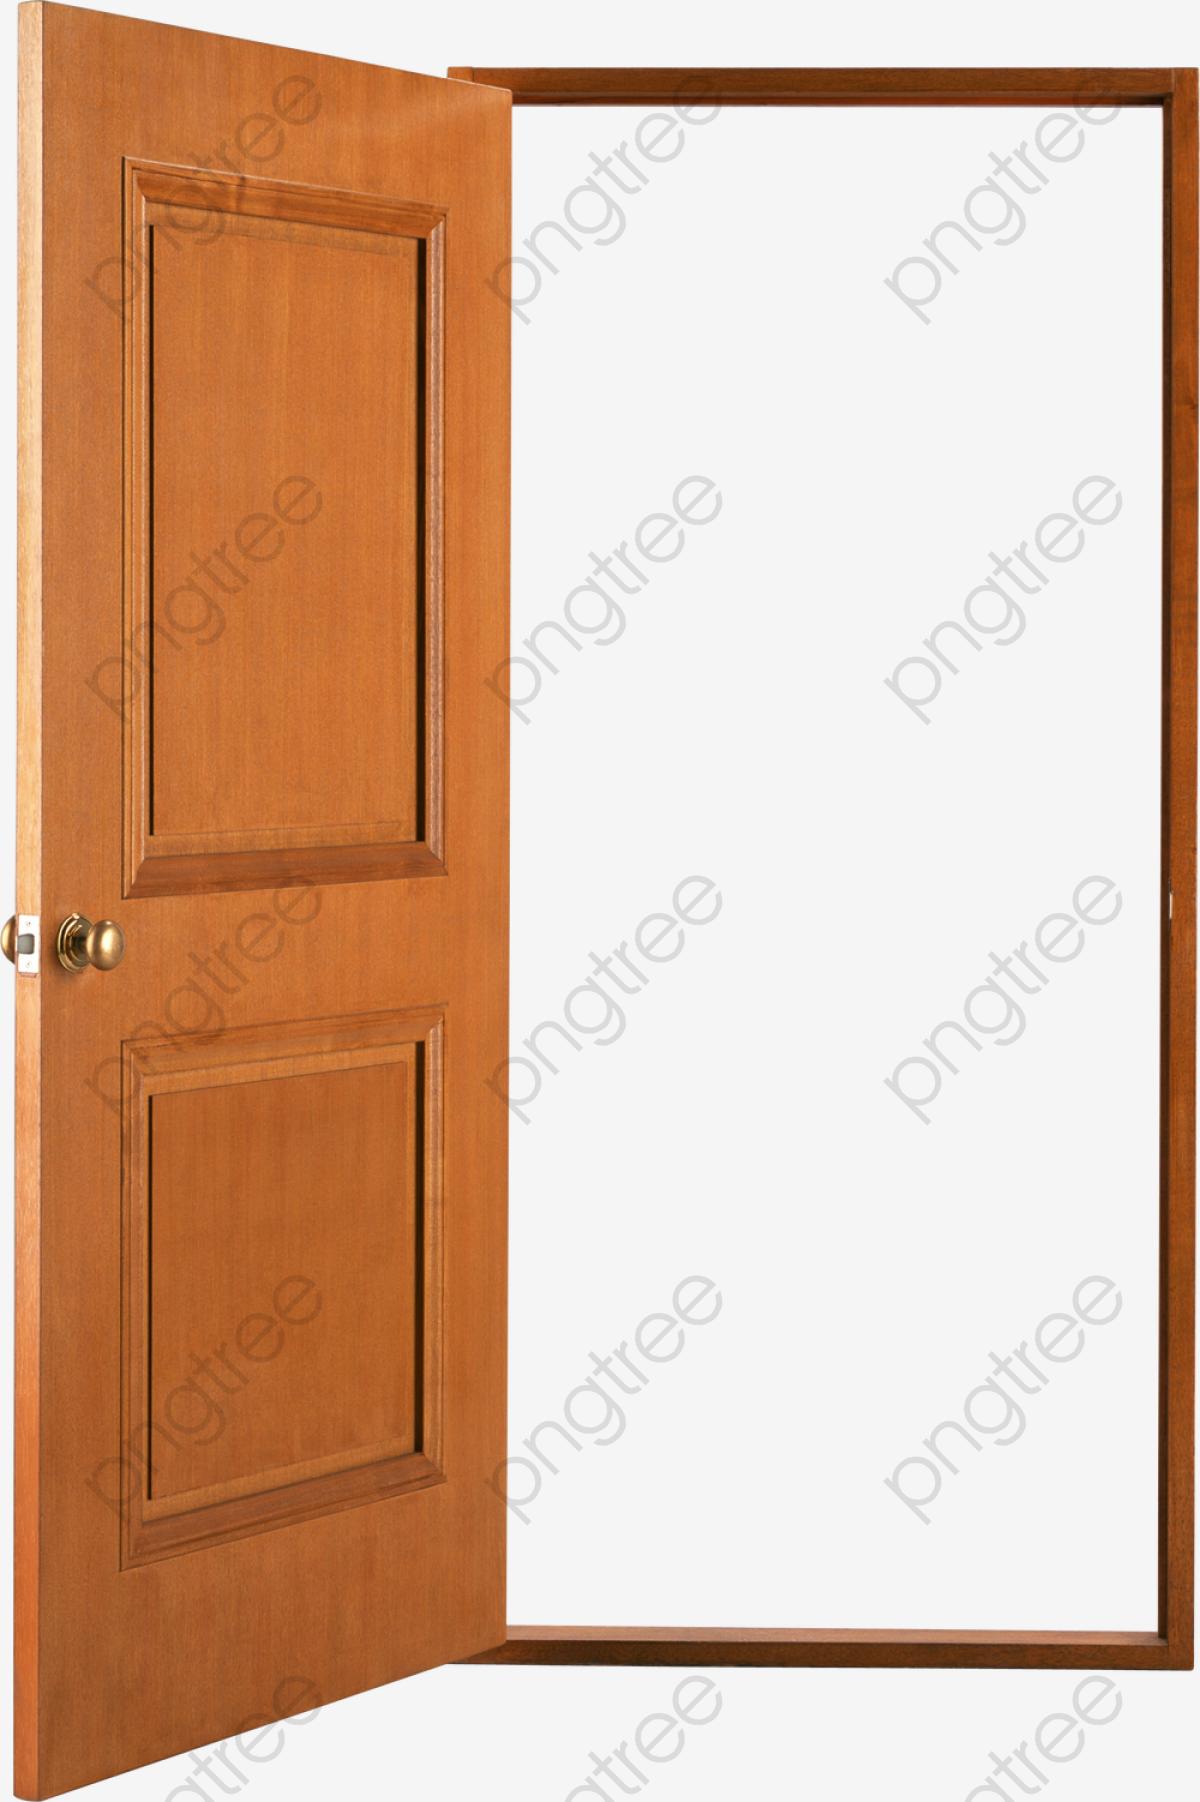 Door, Doors And Windows, Portal, Security Door PNG Transparent.